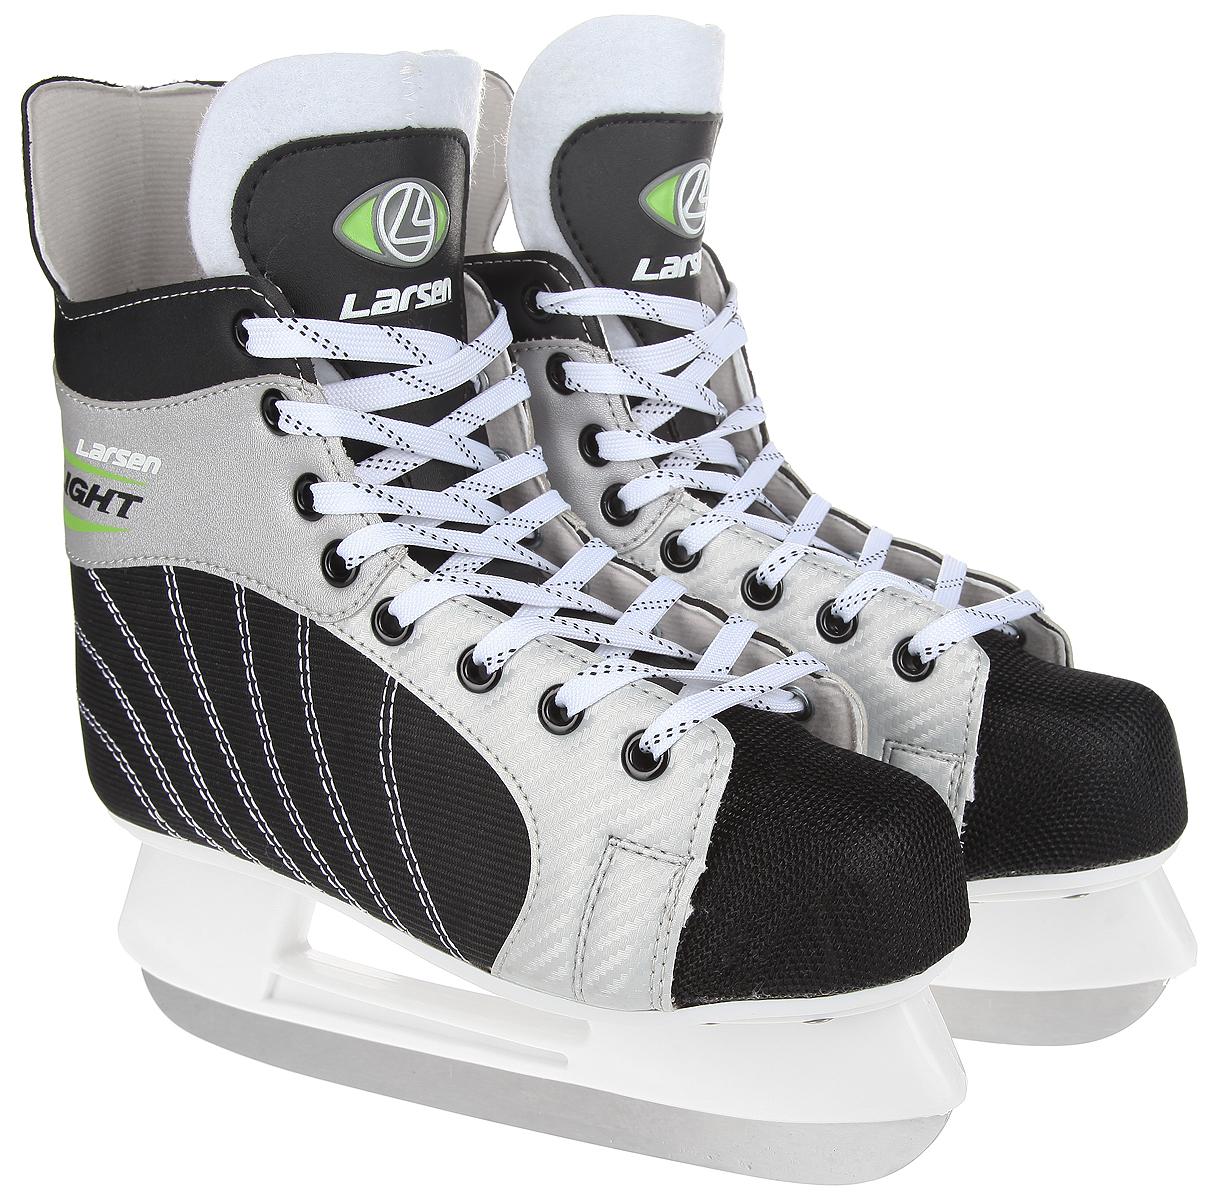 Коньки хоккейные мужские Larsen Light, цвет: черный, серебристый, белый. Размер 44